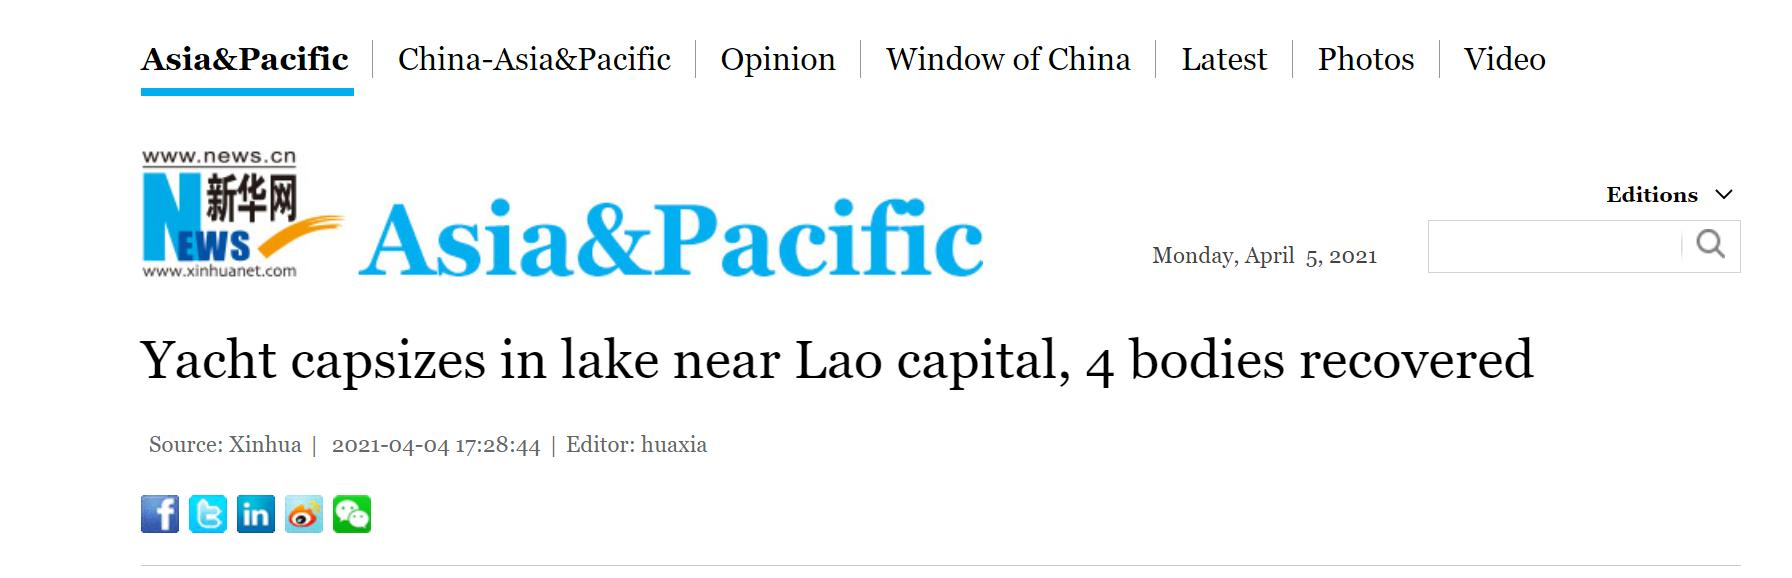 老挝游艇翻船致8人死亡,消息人士:该国前主席被发现还活着,已紧急送医 全球新闻风头榜 第1张